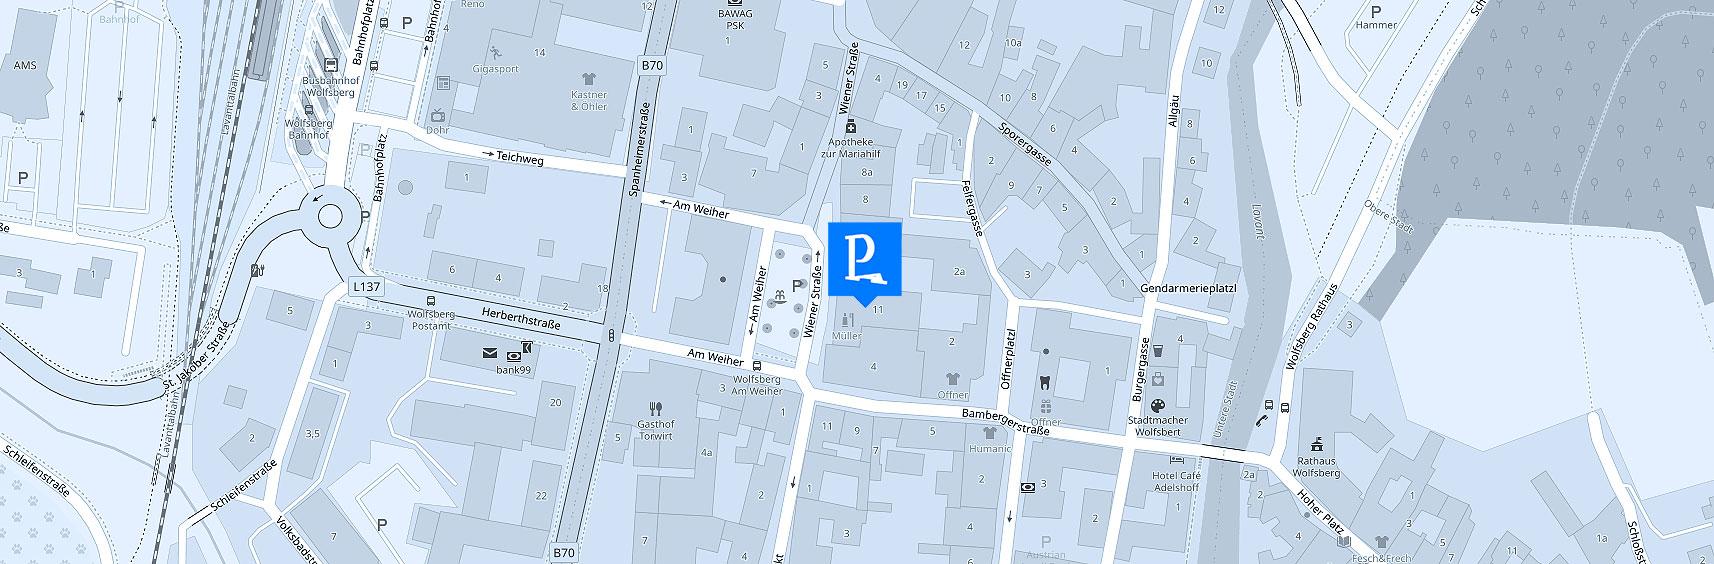 primus-kontakt-karte-3